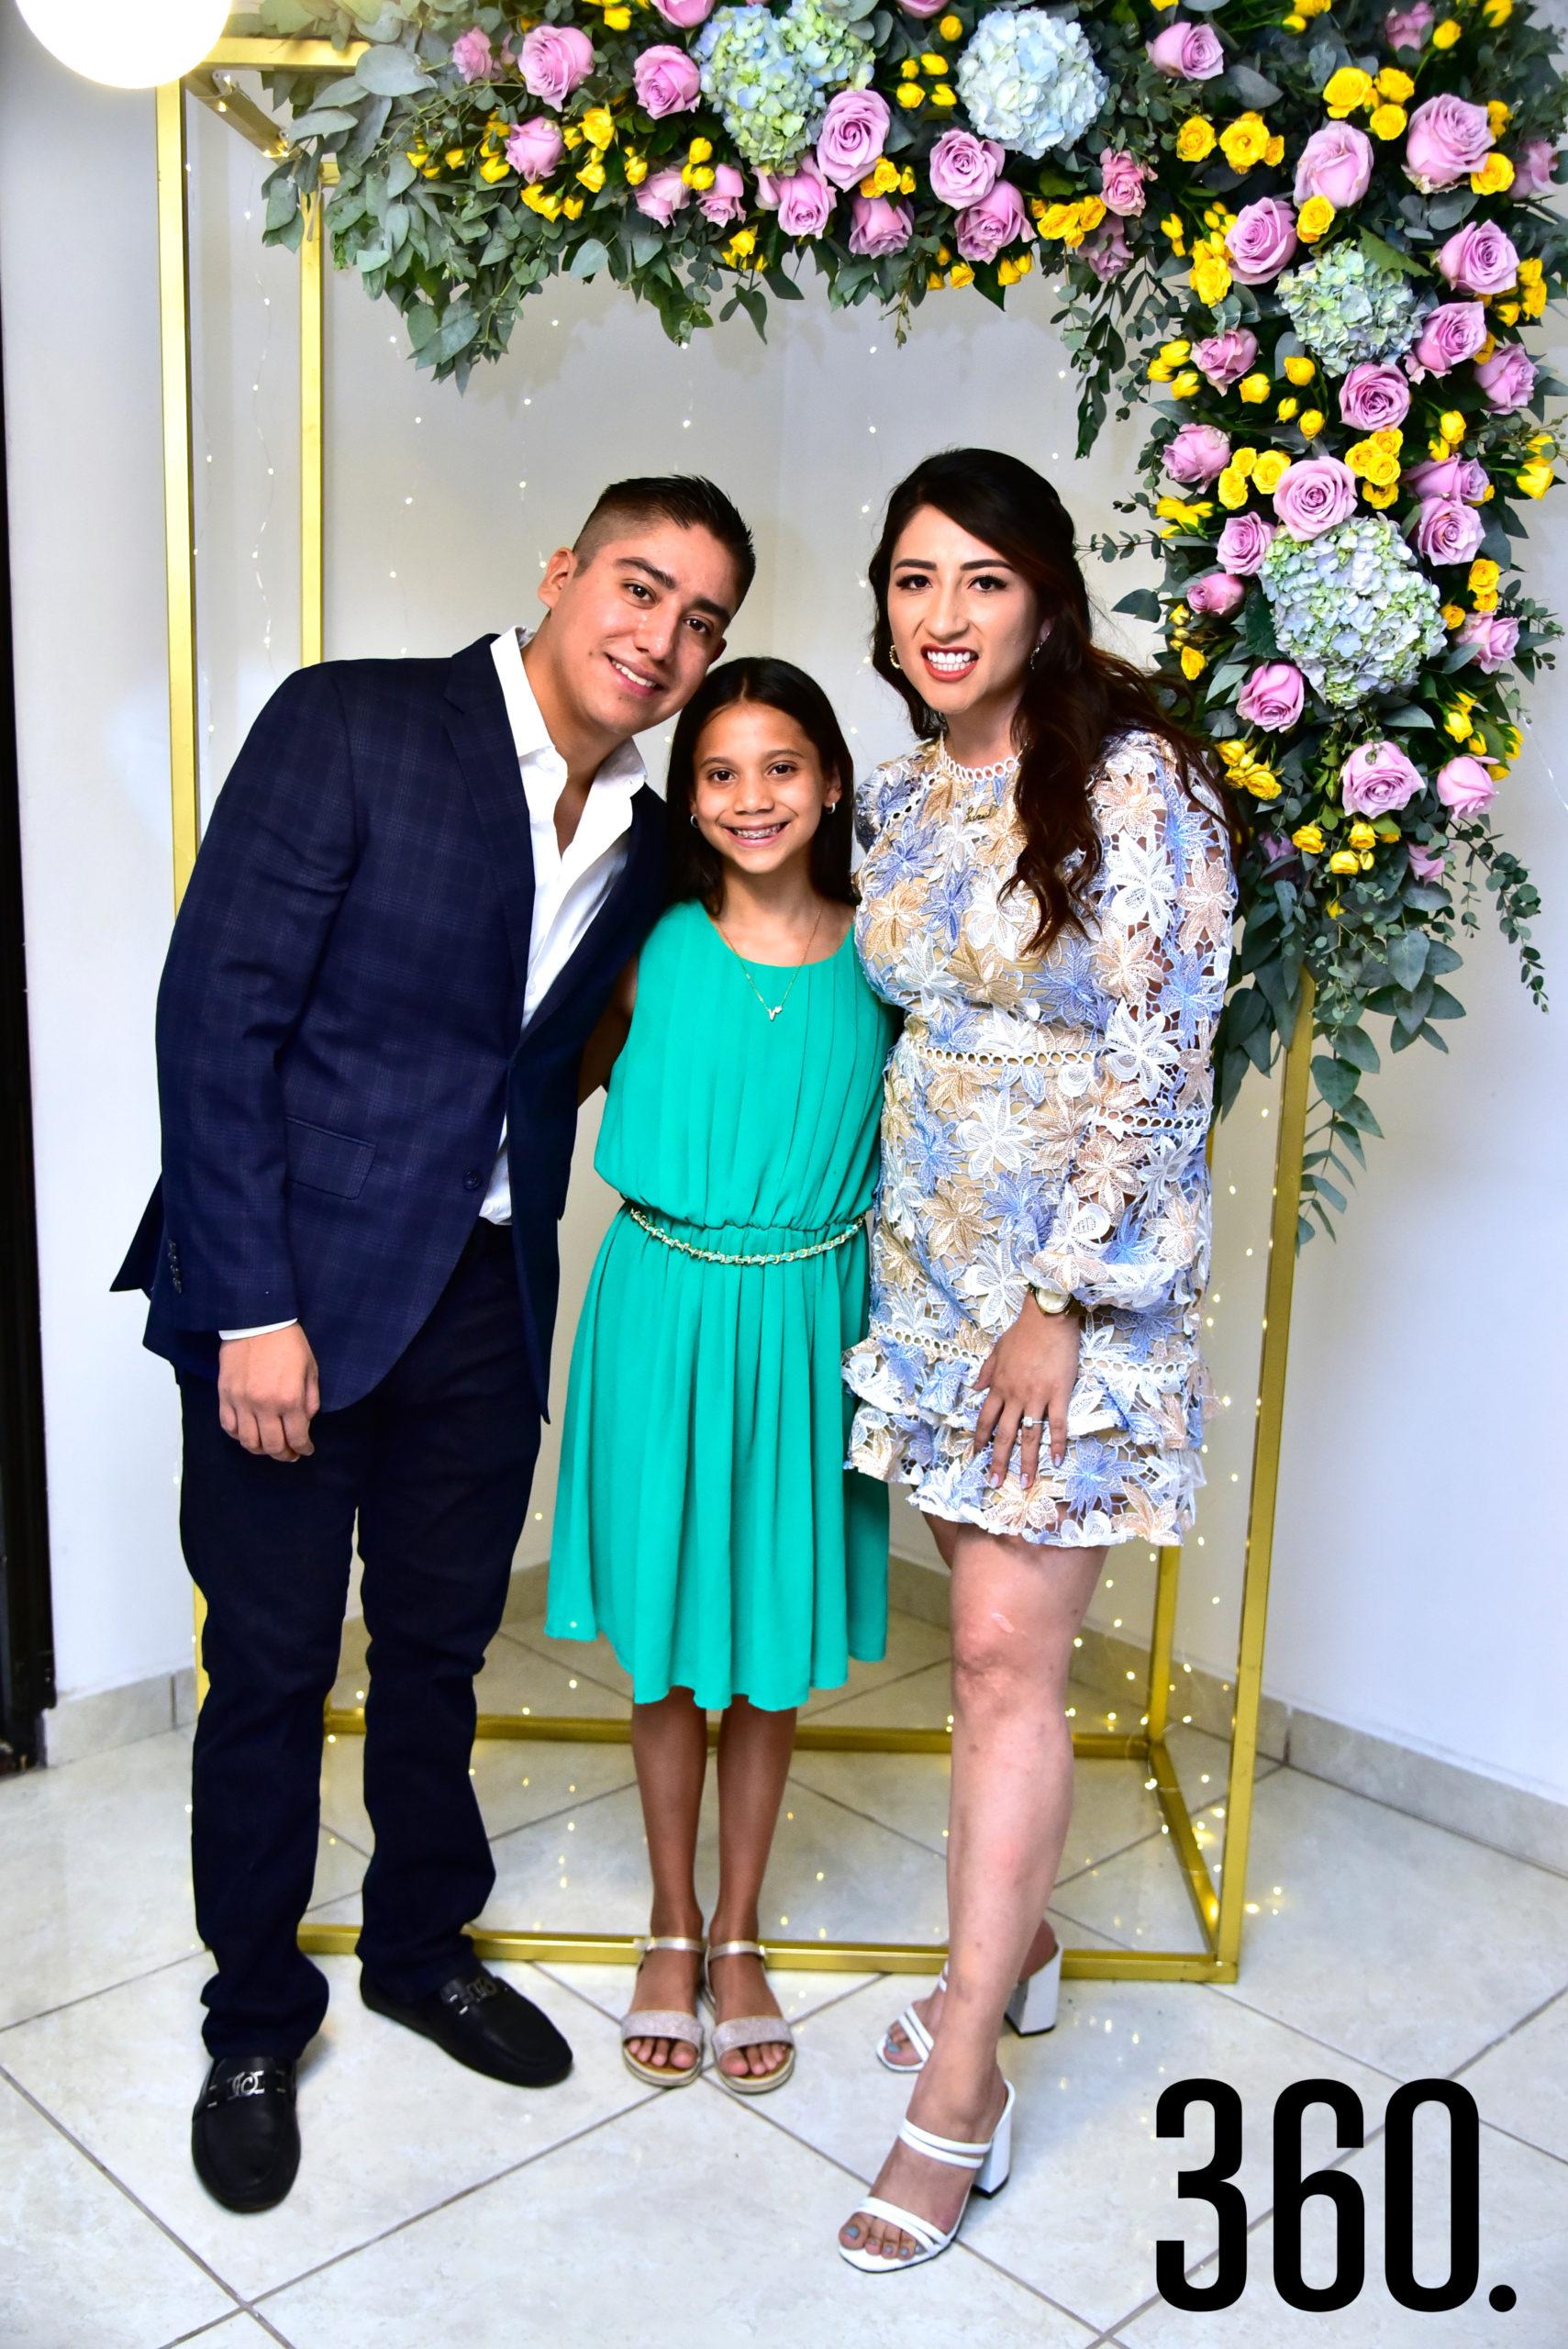 Jonathan Jiménez, Valentina Jiménez y Janeth Espinosa.